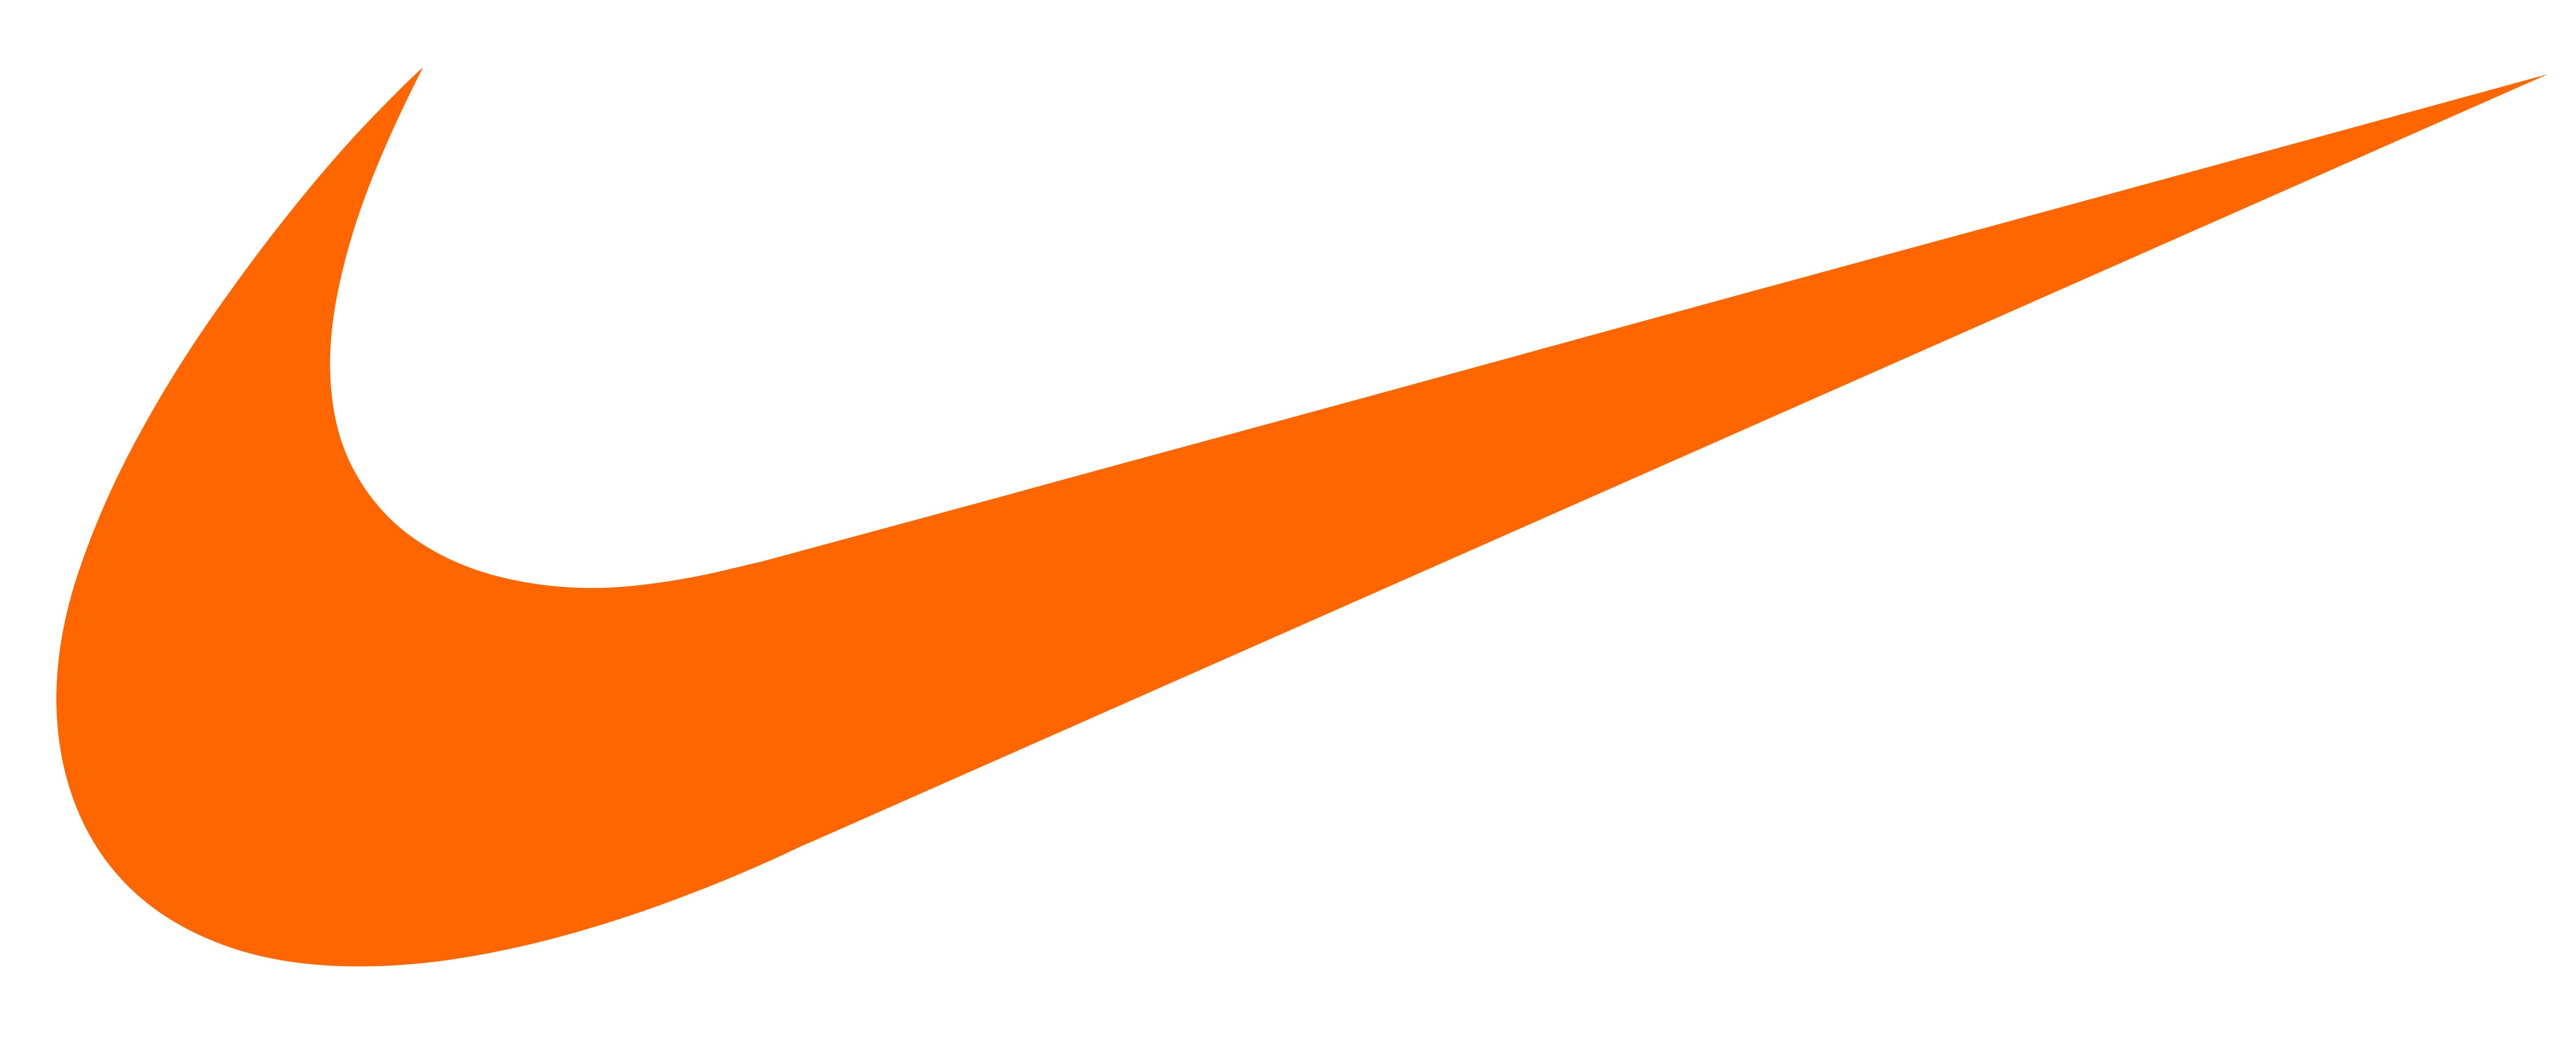 Nike orange swoosh Logos.